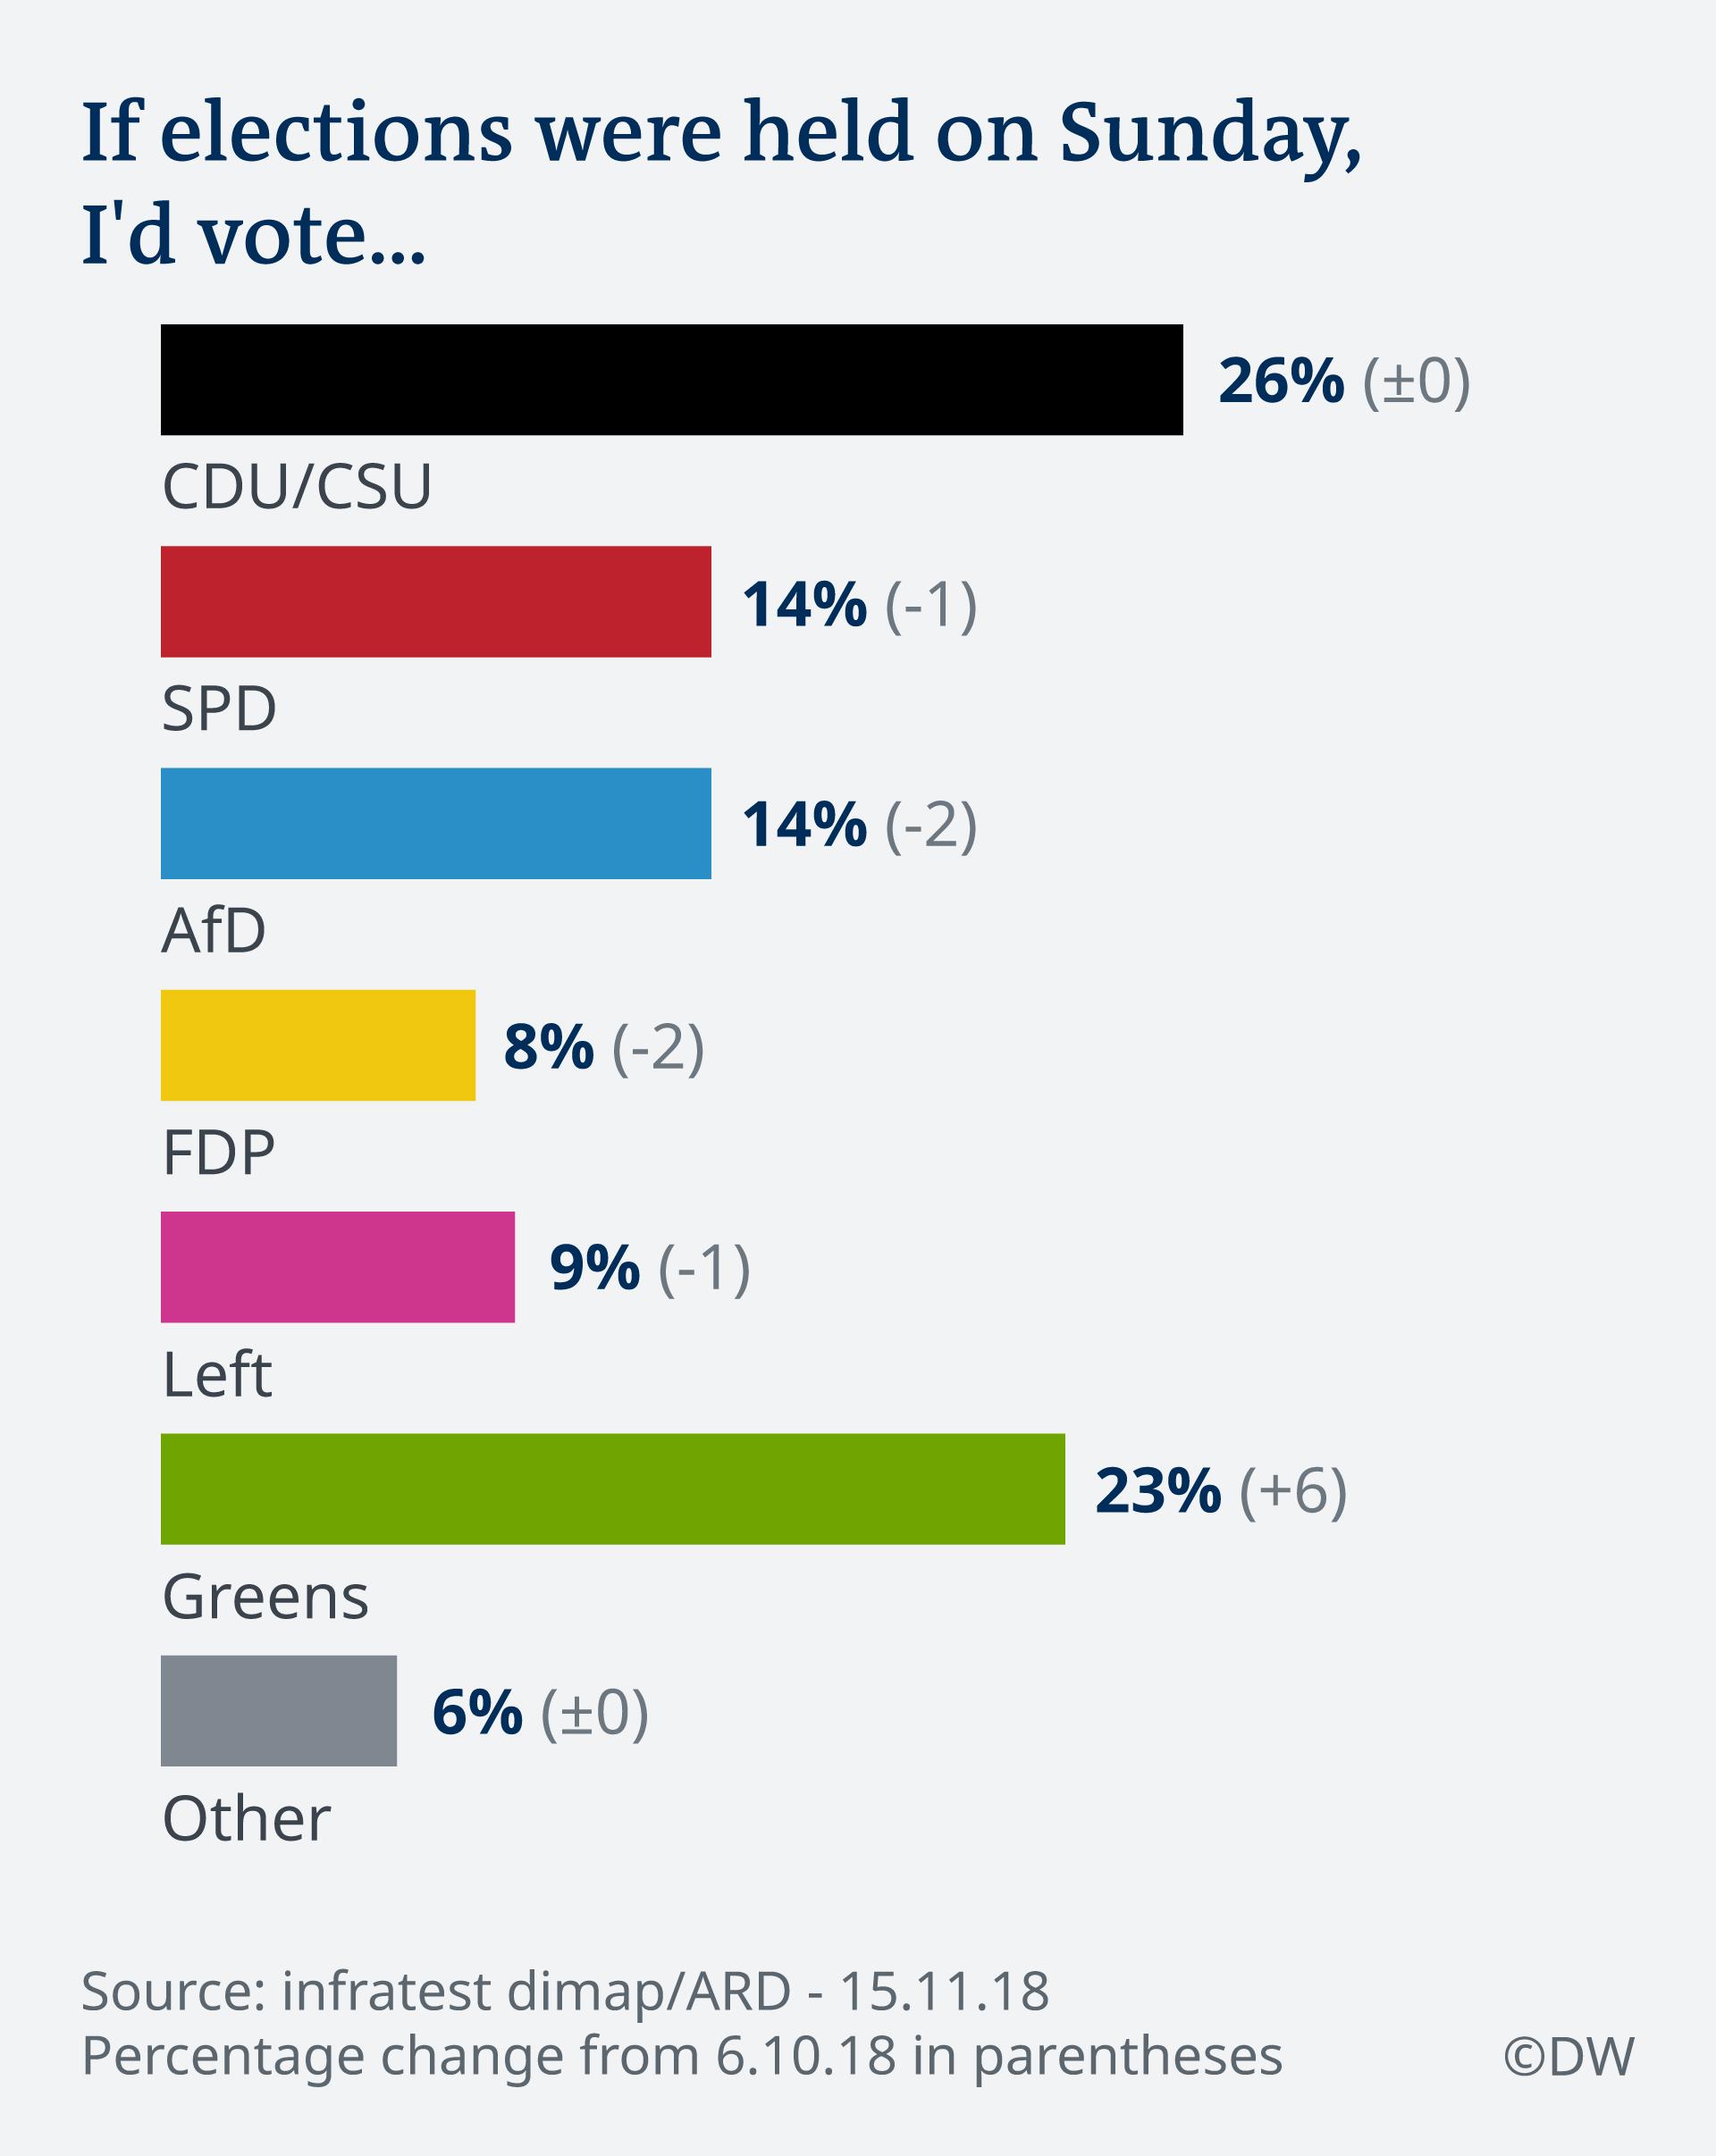 Infografik Deutschlandtrend SonntagsfrageEN